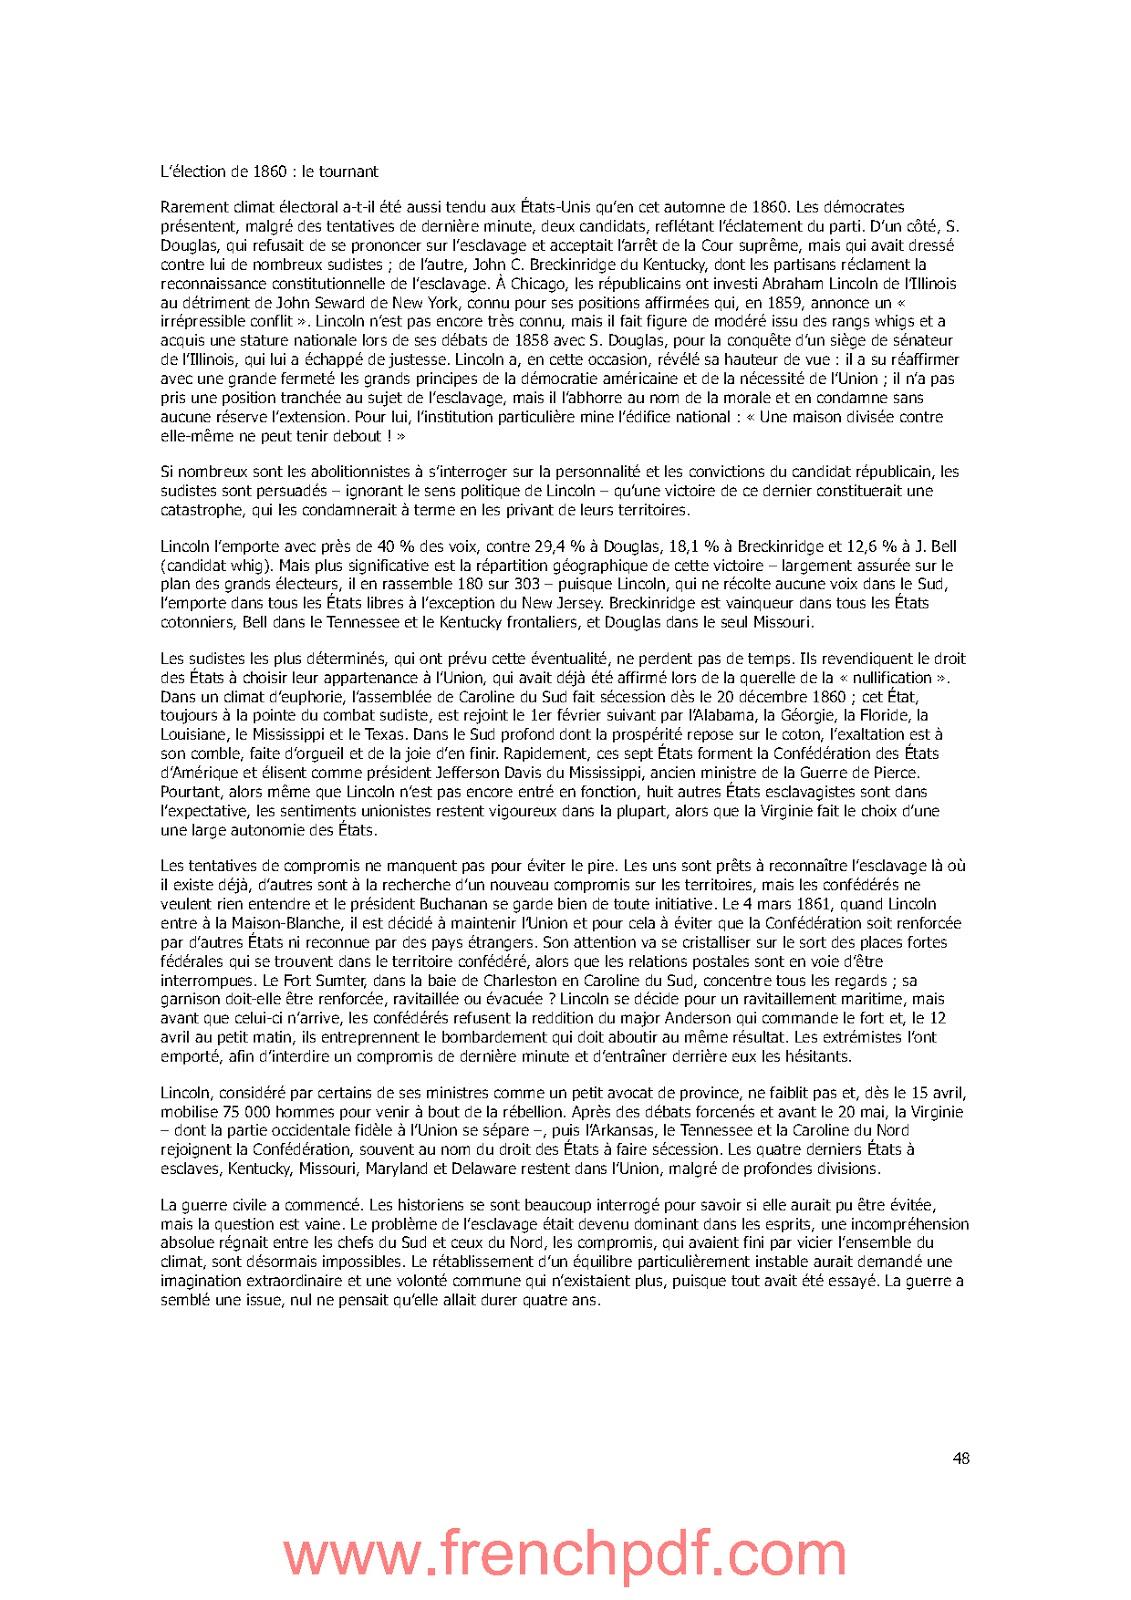 Histoire des Etats-Unis de 1776 à nos jours de Jacques Portes PDF Gratuit 5